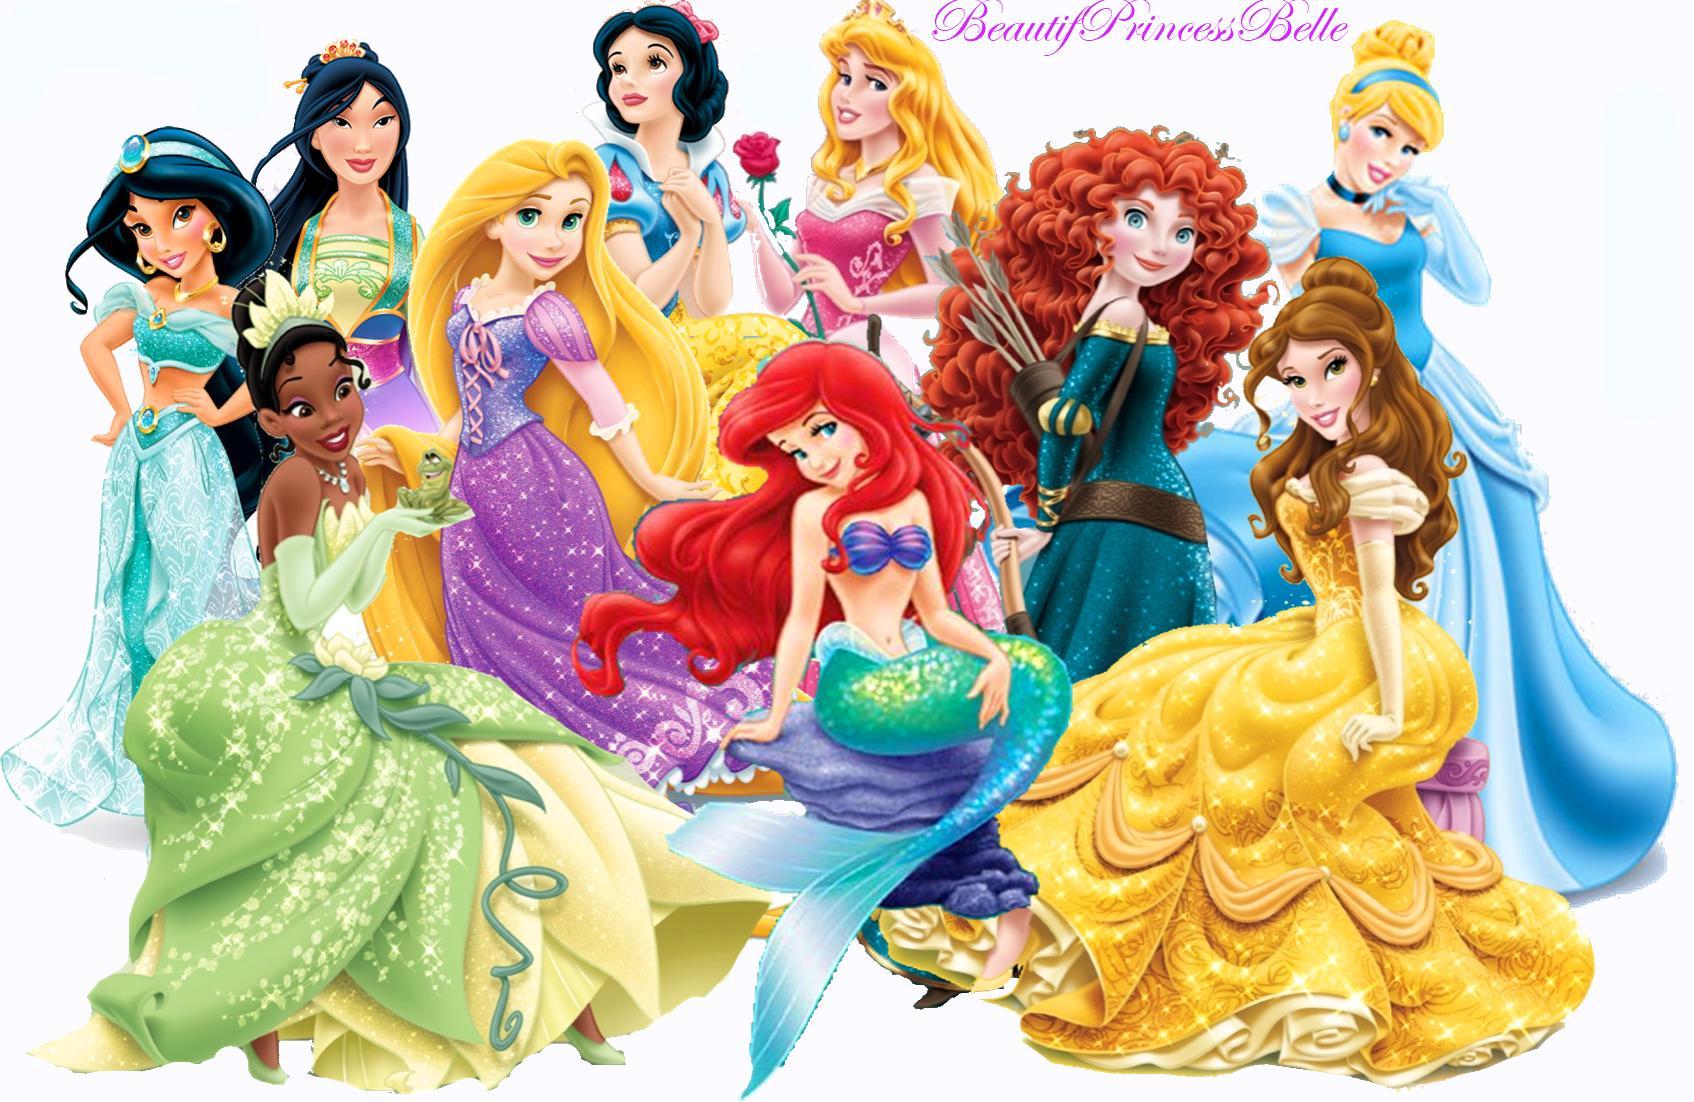 Disney Princess Belle Hd Wallpaper Free Download 1694x1102